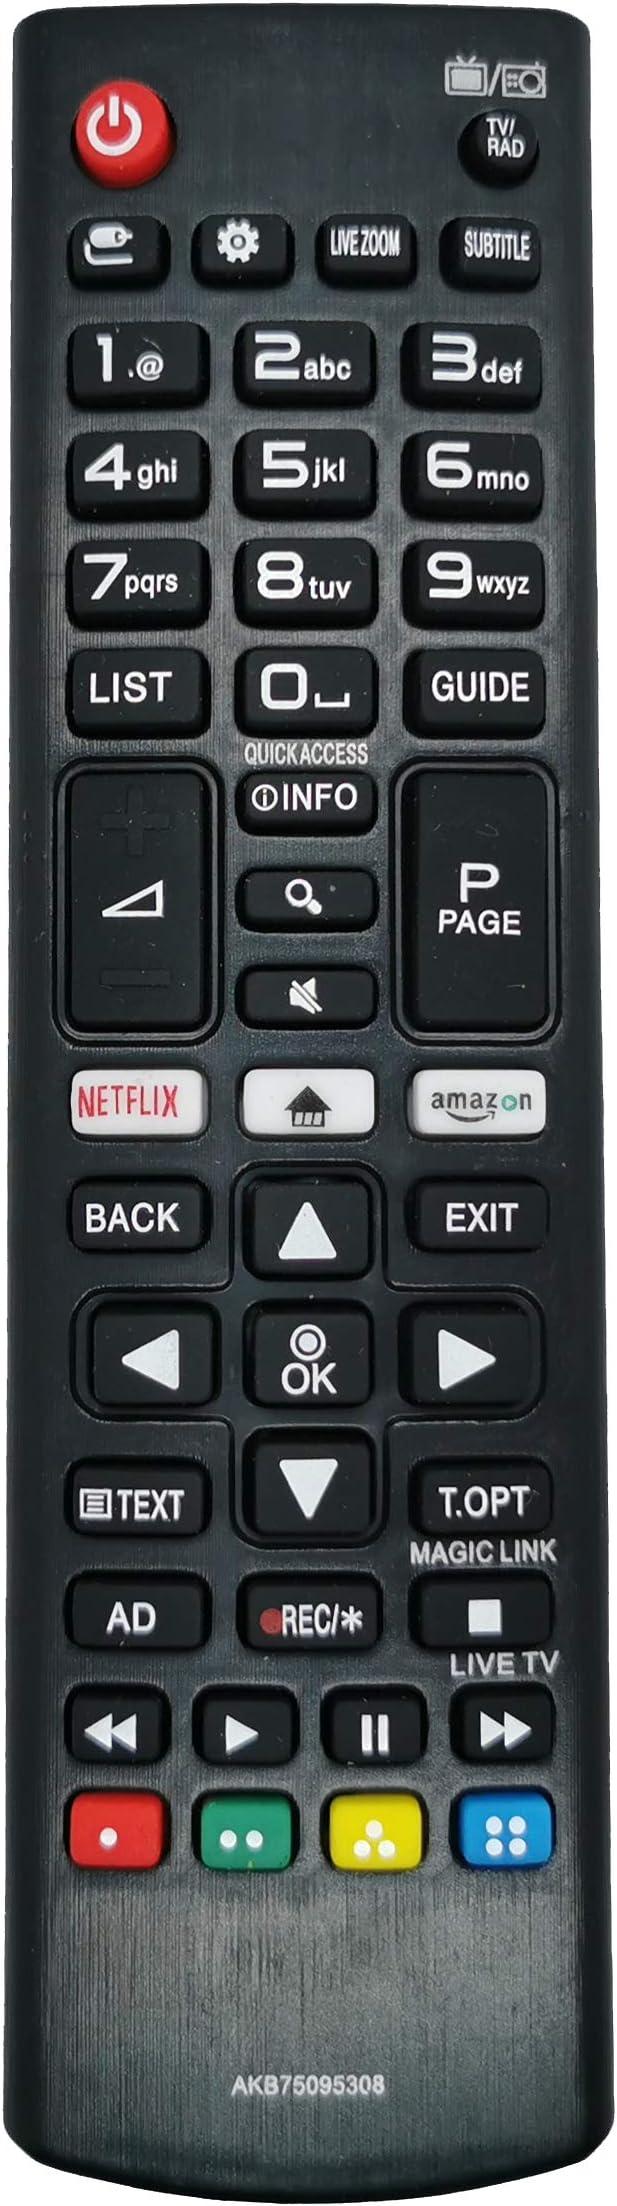 SUKRAGRAHA - Mando a Distancia de Repuesto para televisor LG LED 32LB550 32LB561 39LB561 42LB550 42LB561 49LB550 47LB561 50LB561 50PB560 55LB561 60LB561 60PB561 AKB75095308: Amazon.es: Electrónica